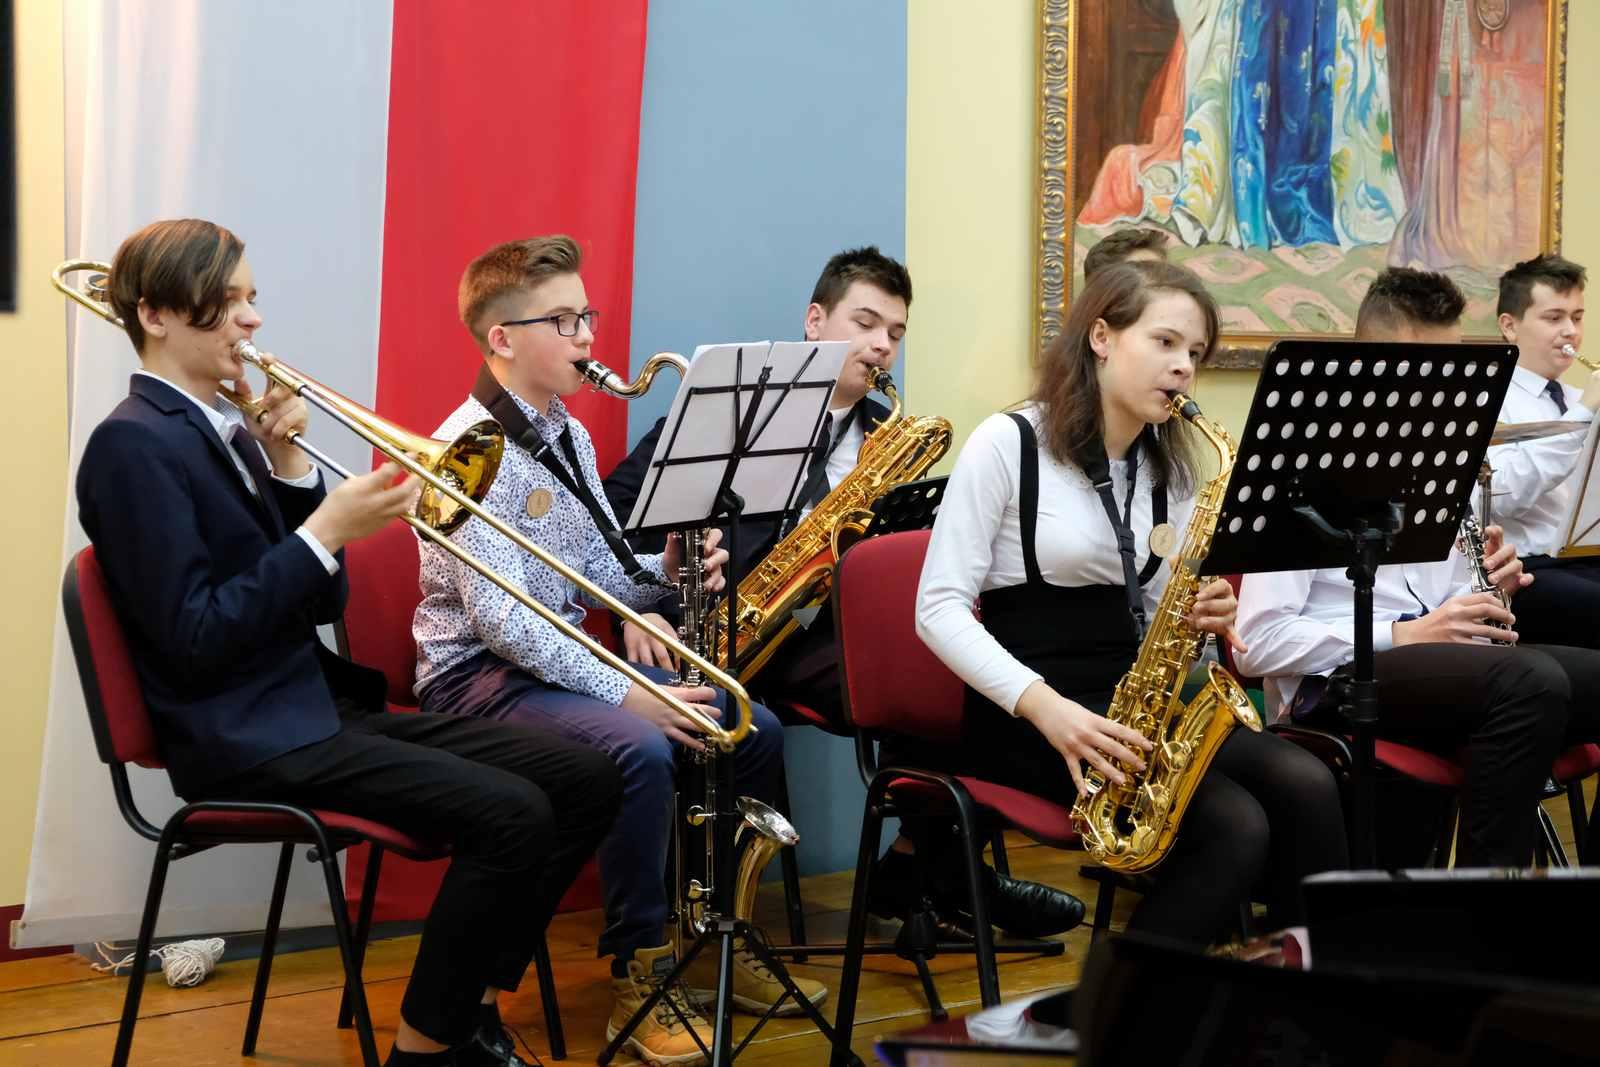 Jubileusz 10-lecia Szkoły Muzycznej w Żegocinie - uczniowie szkoły podczas występu